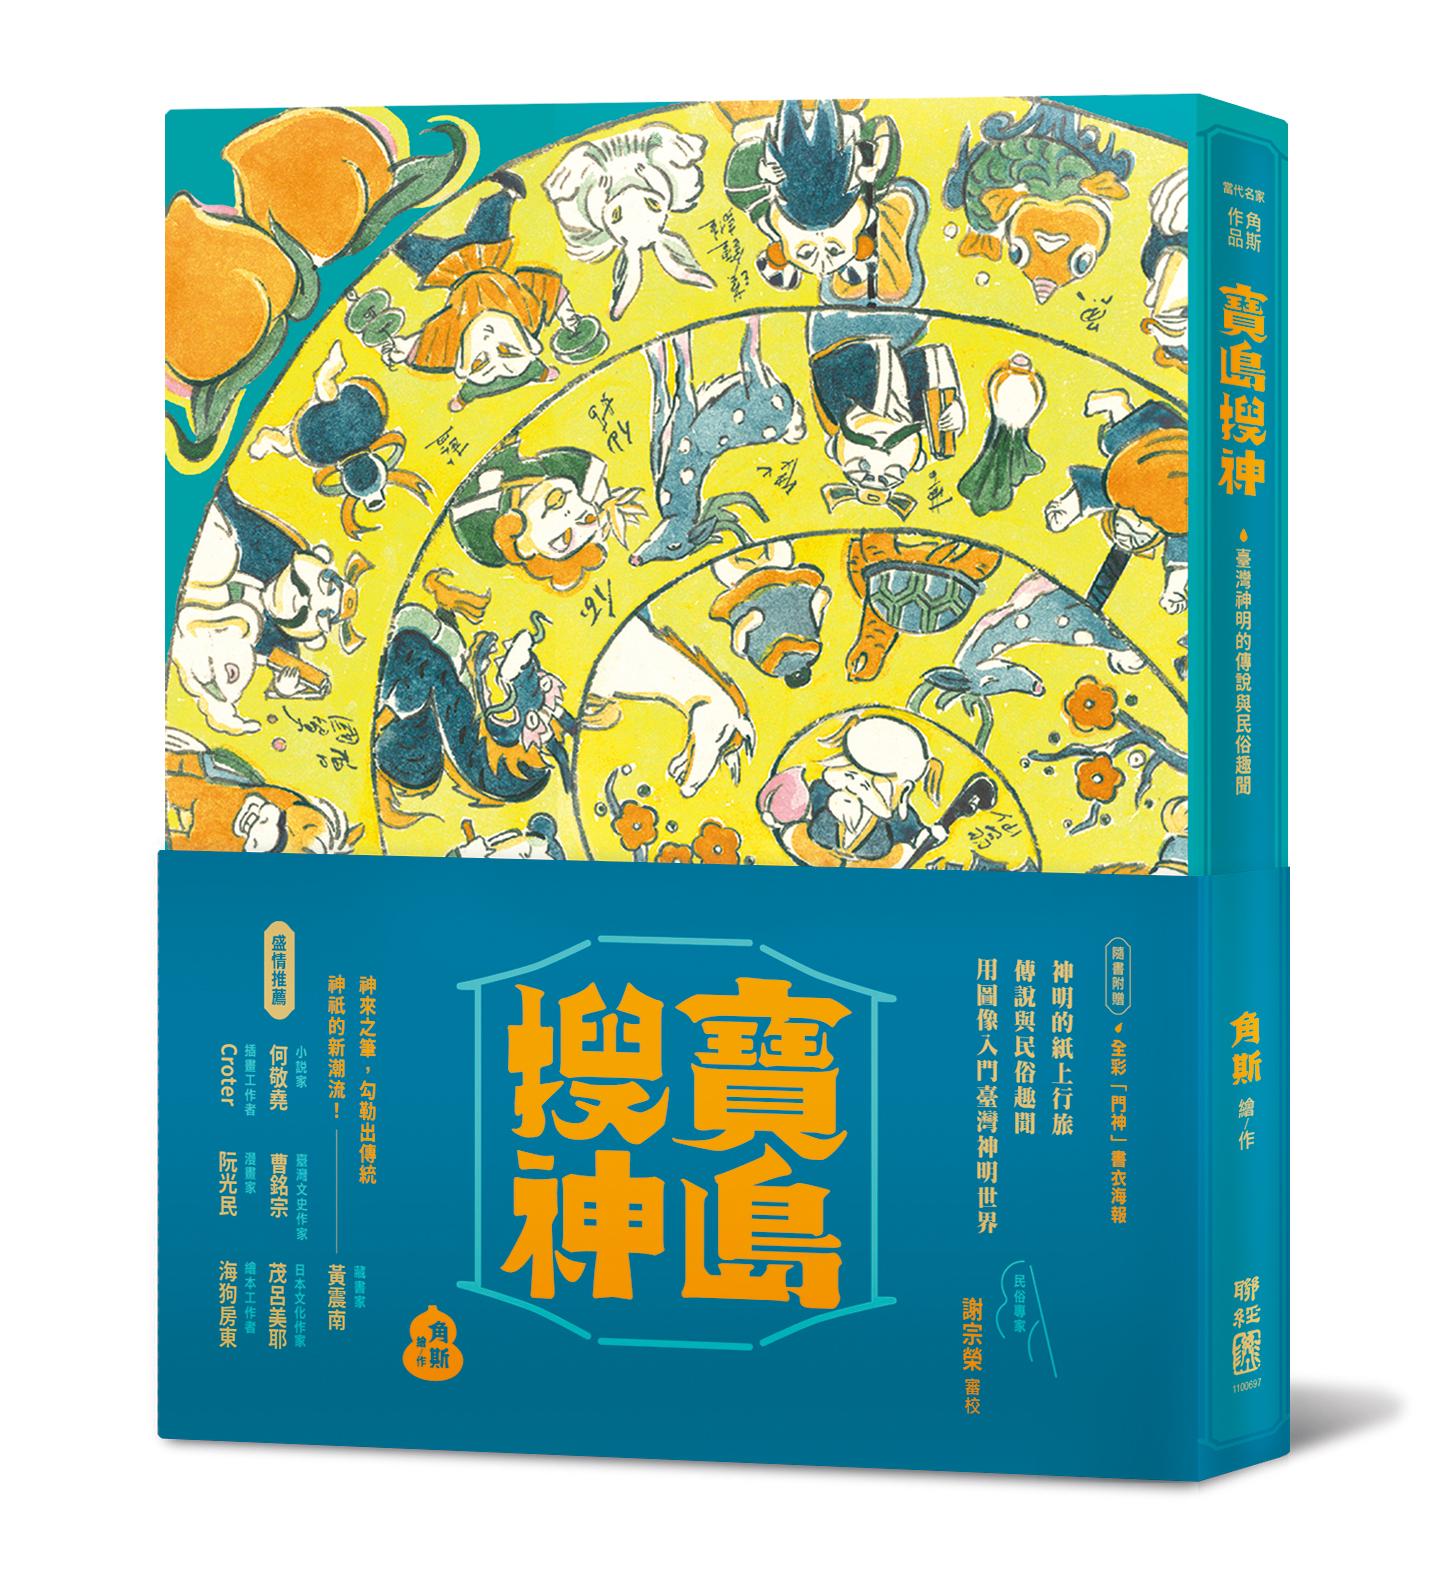 寶島搜神(隨書附贈全彩門神秦叔寶、尉遲恭書衣海報) - ISBN9789570854541(封+立+書腰).jpg